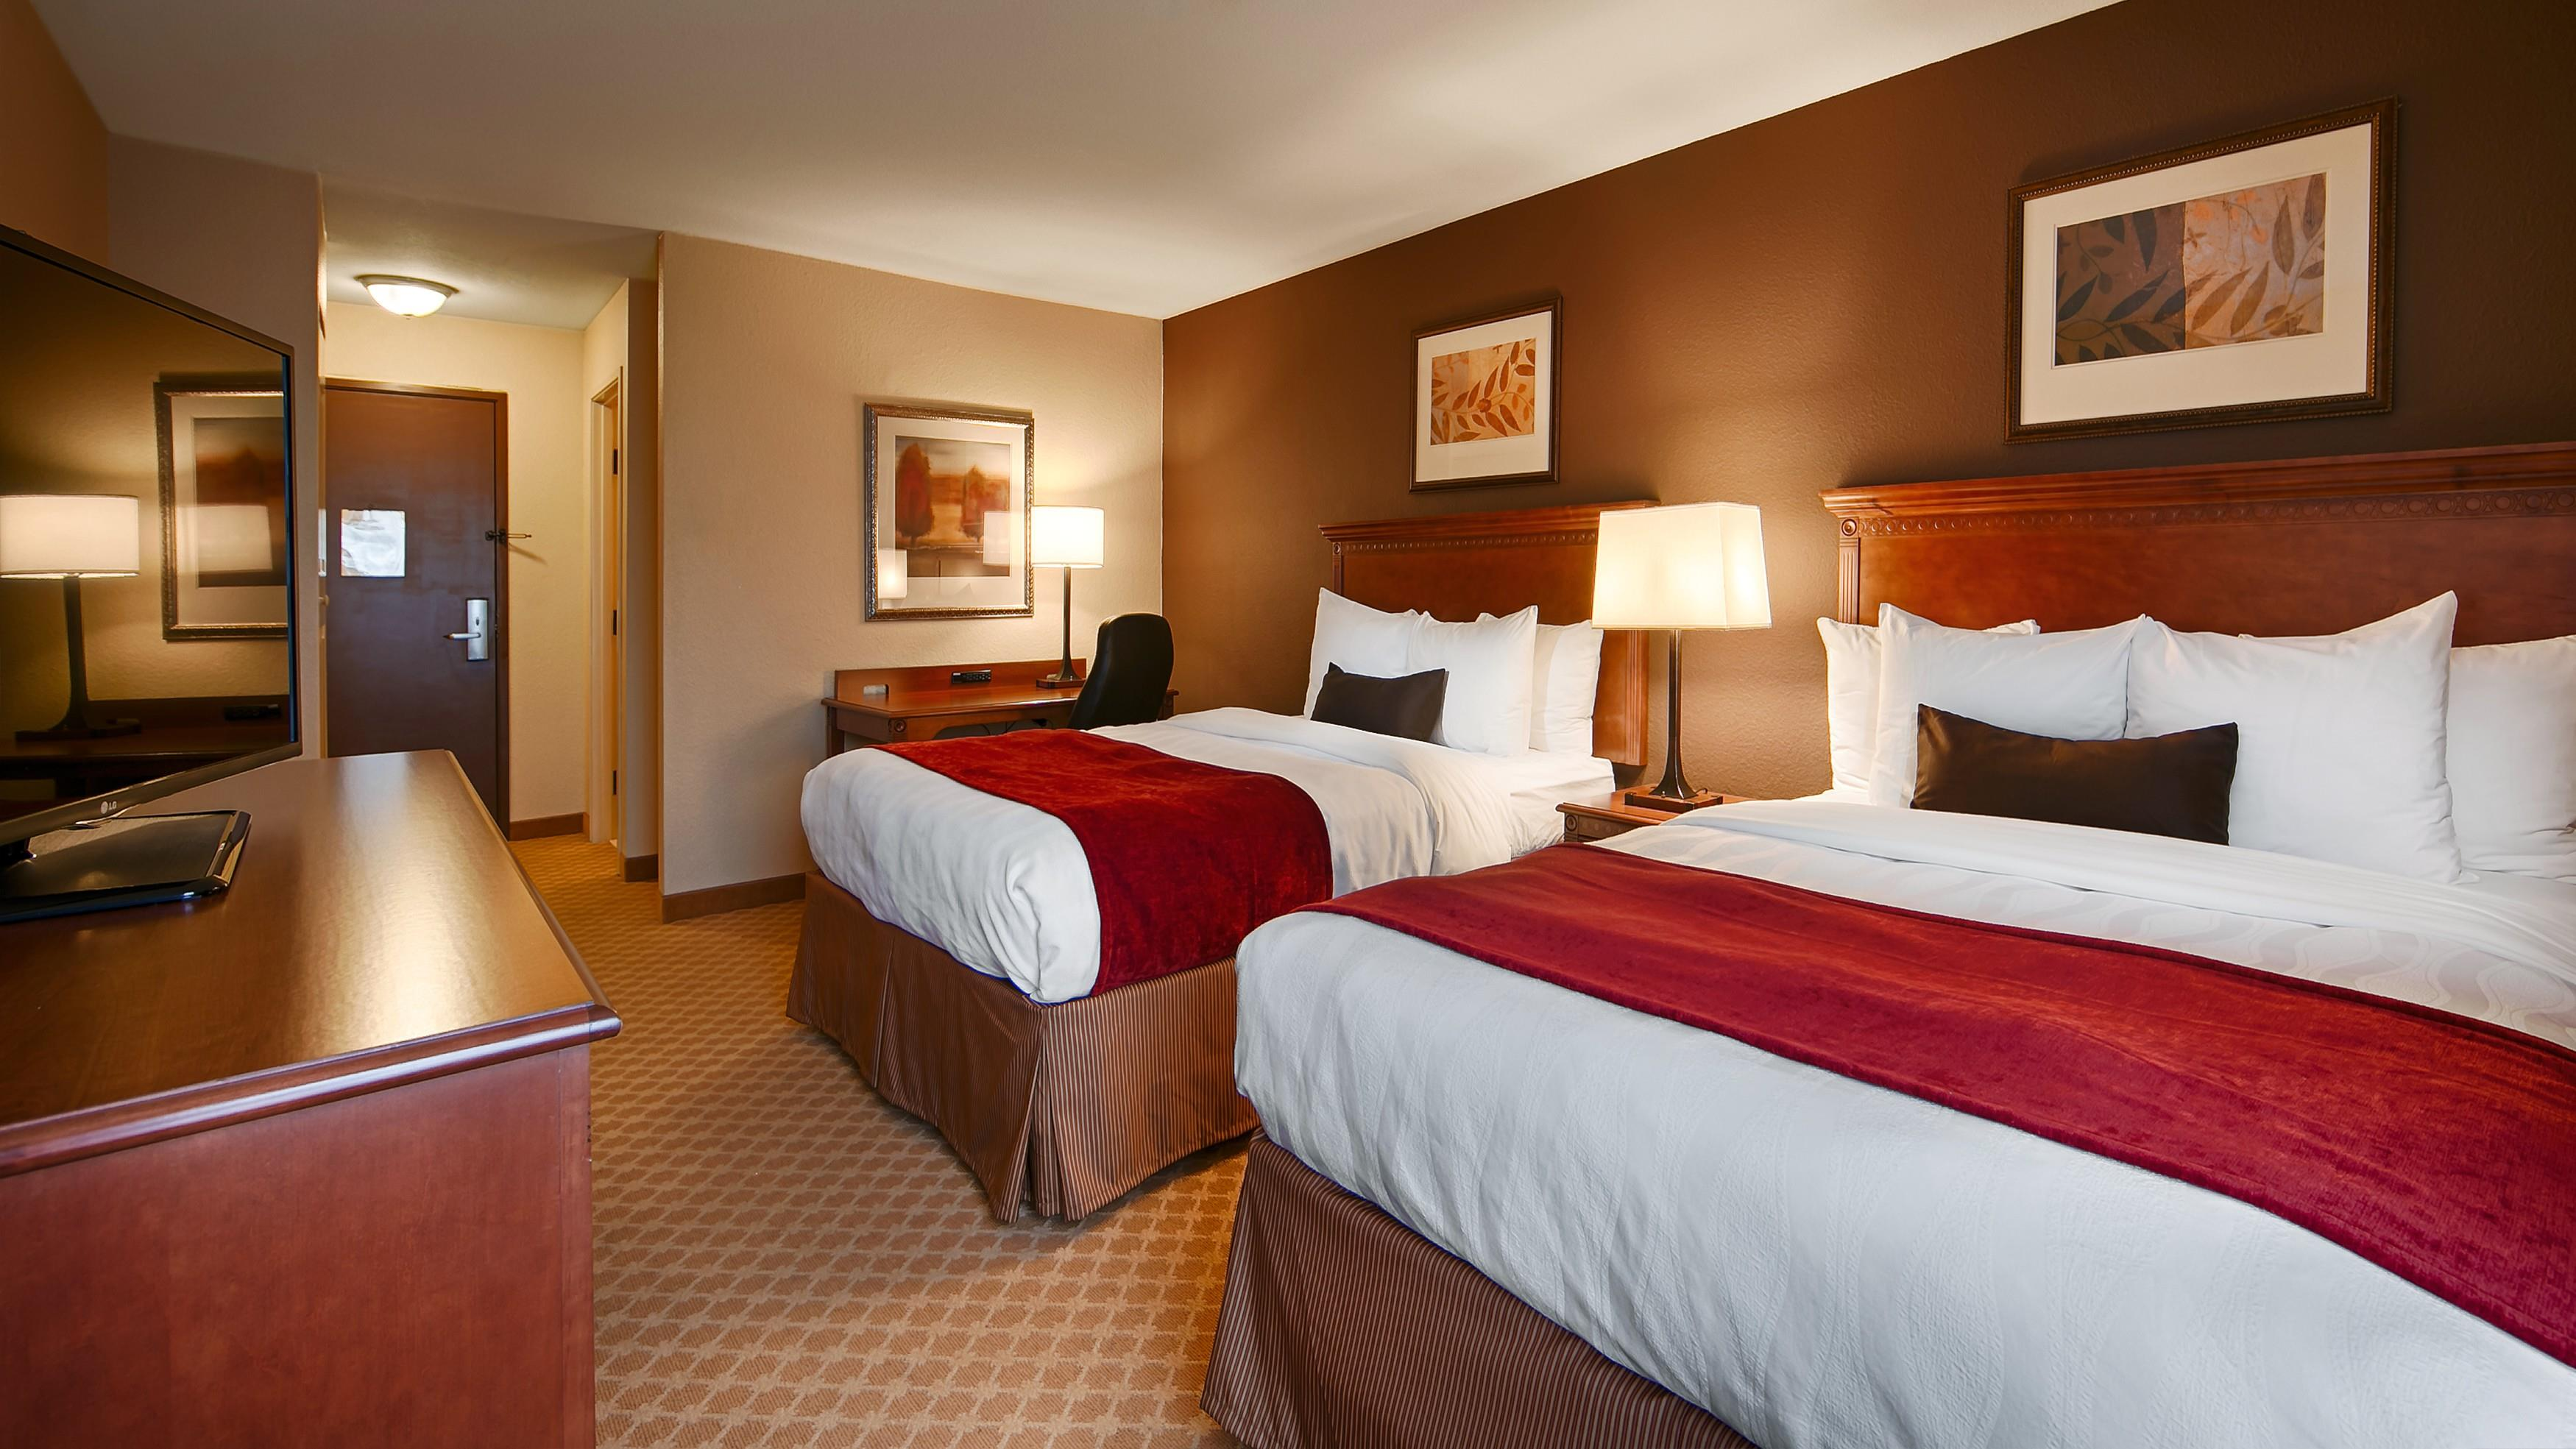 Best Western Plus Georgetown Inn & Suites image 29